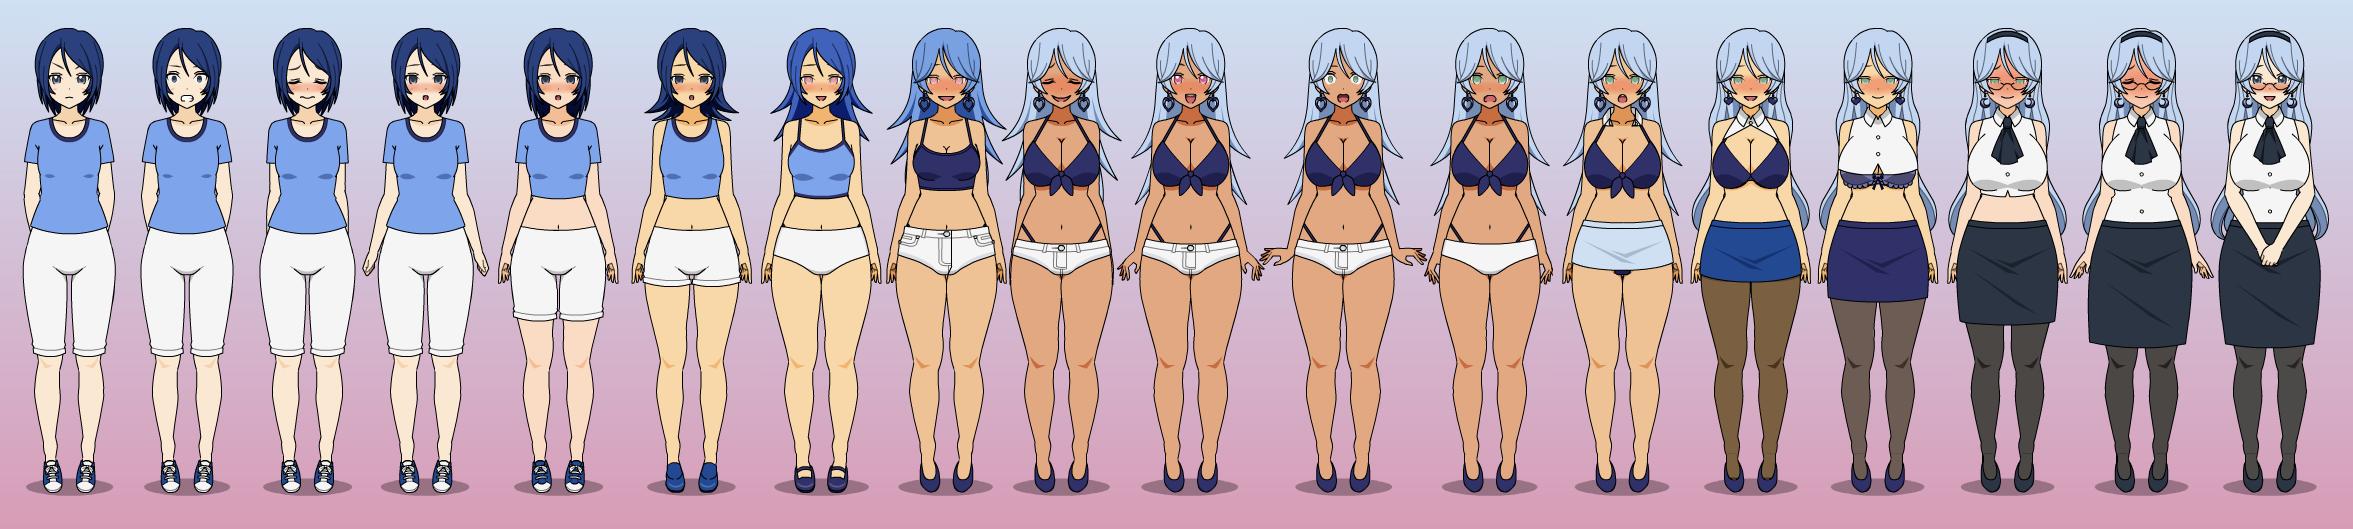 Bigger Is Better In Blue by Chicken-Yuki on DeviantArt